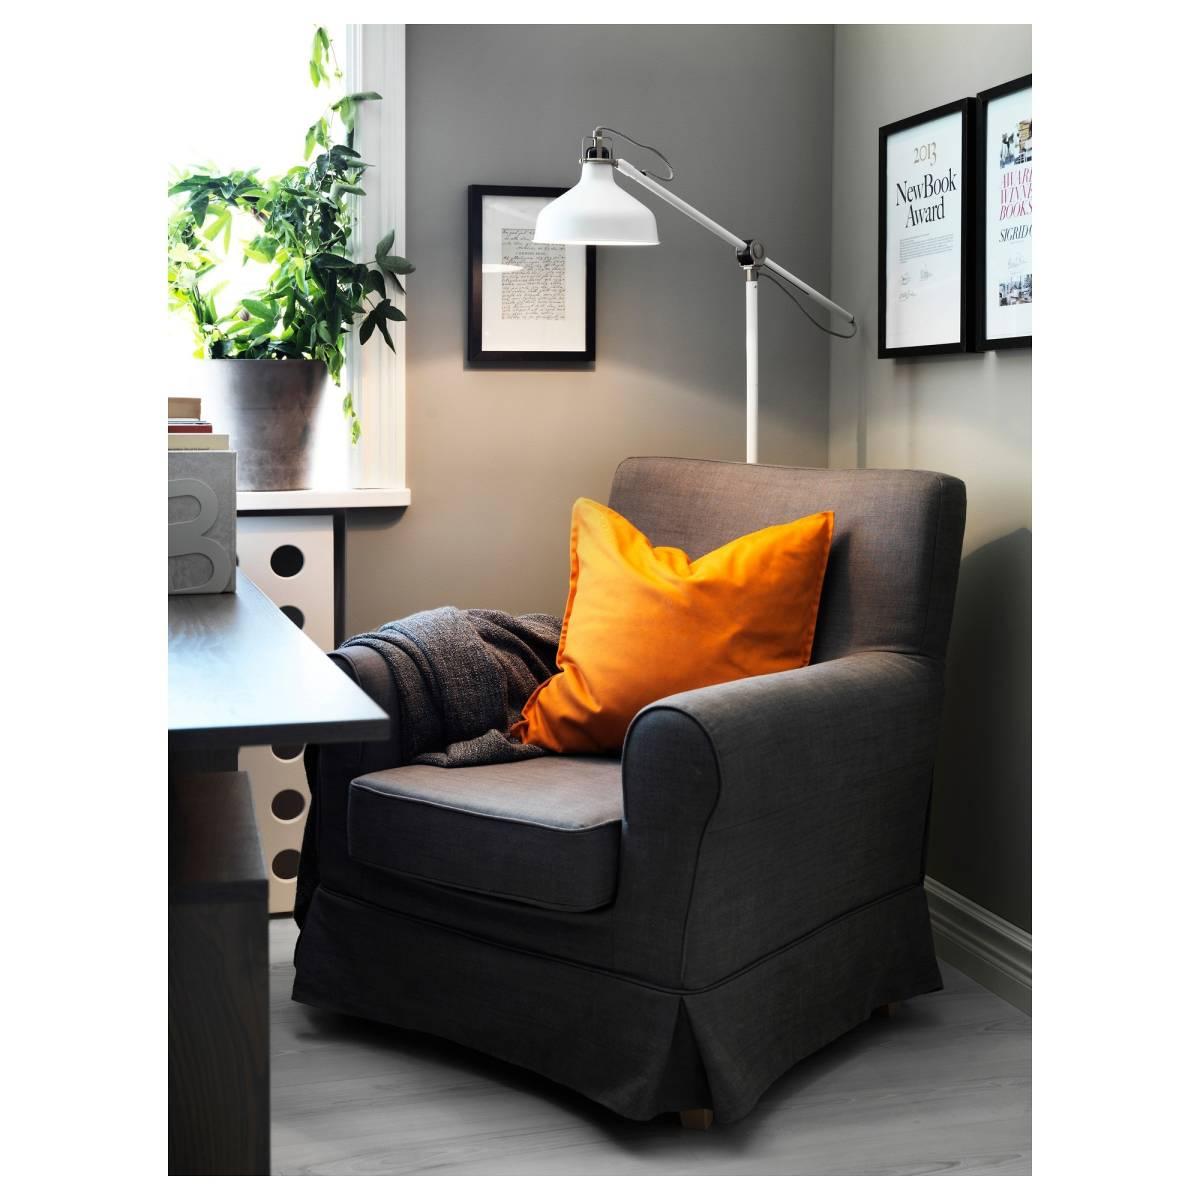 [美品]IKEA RANARP フロアランプ 間接 照明 ライト 読書 ラウンジ オフホワイト 白 無機質 インテリア 北欧[IKEA無印良品大量出品中♪]_画像9